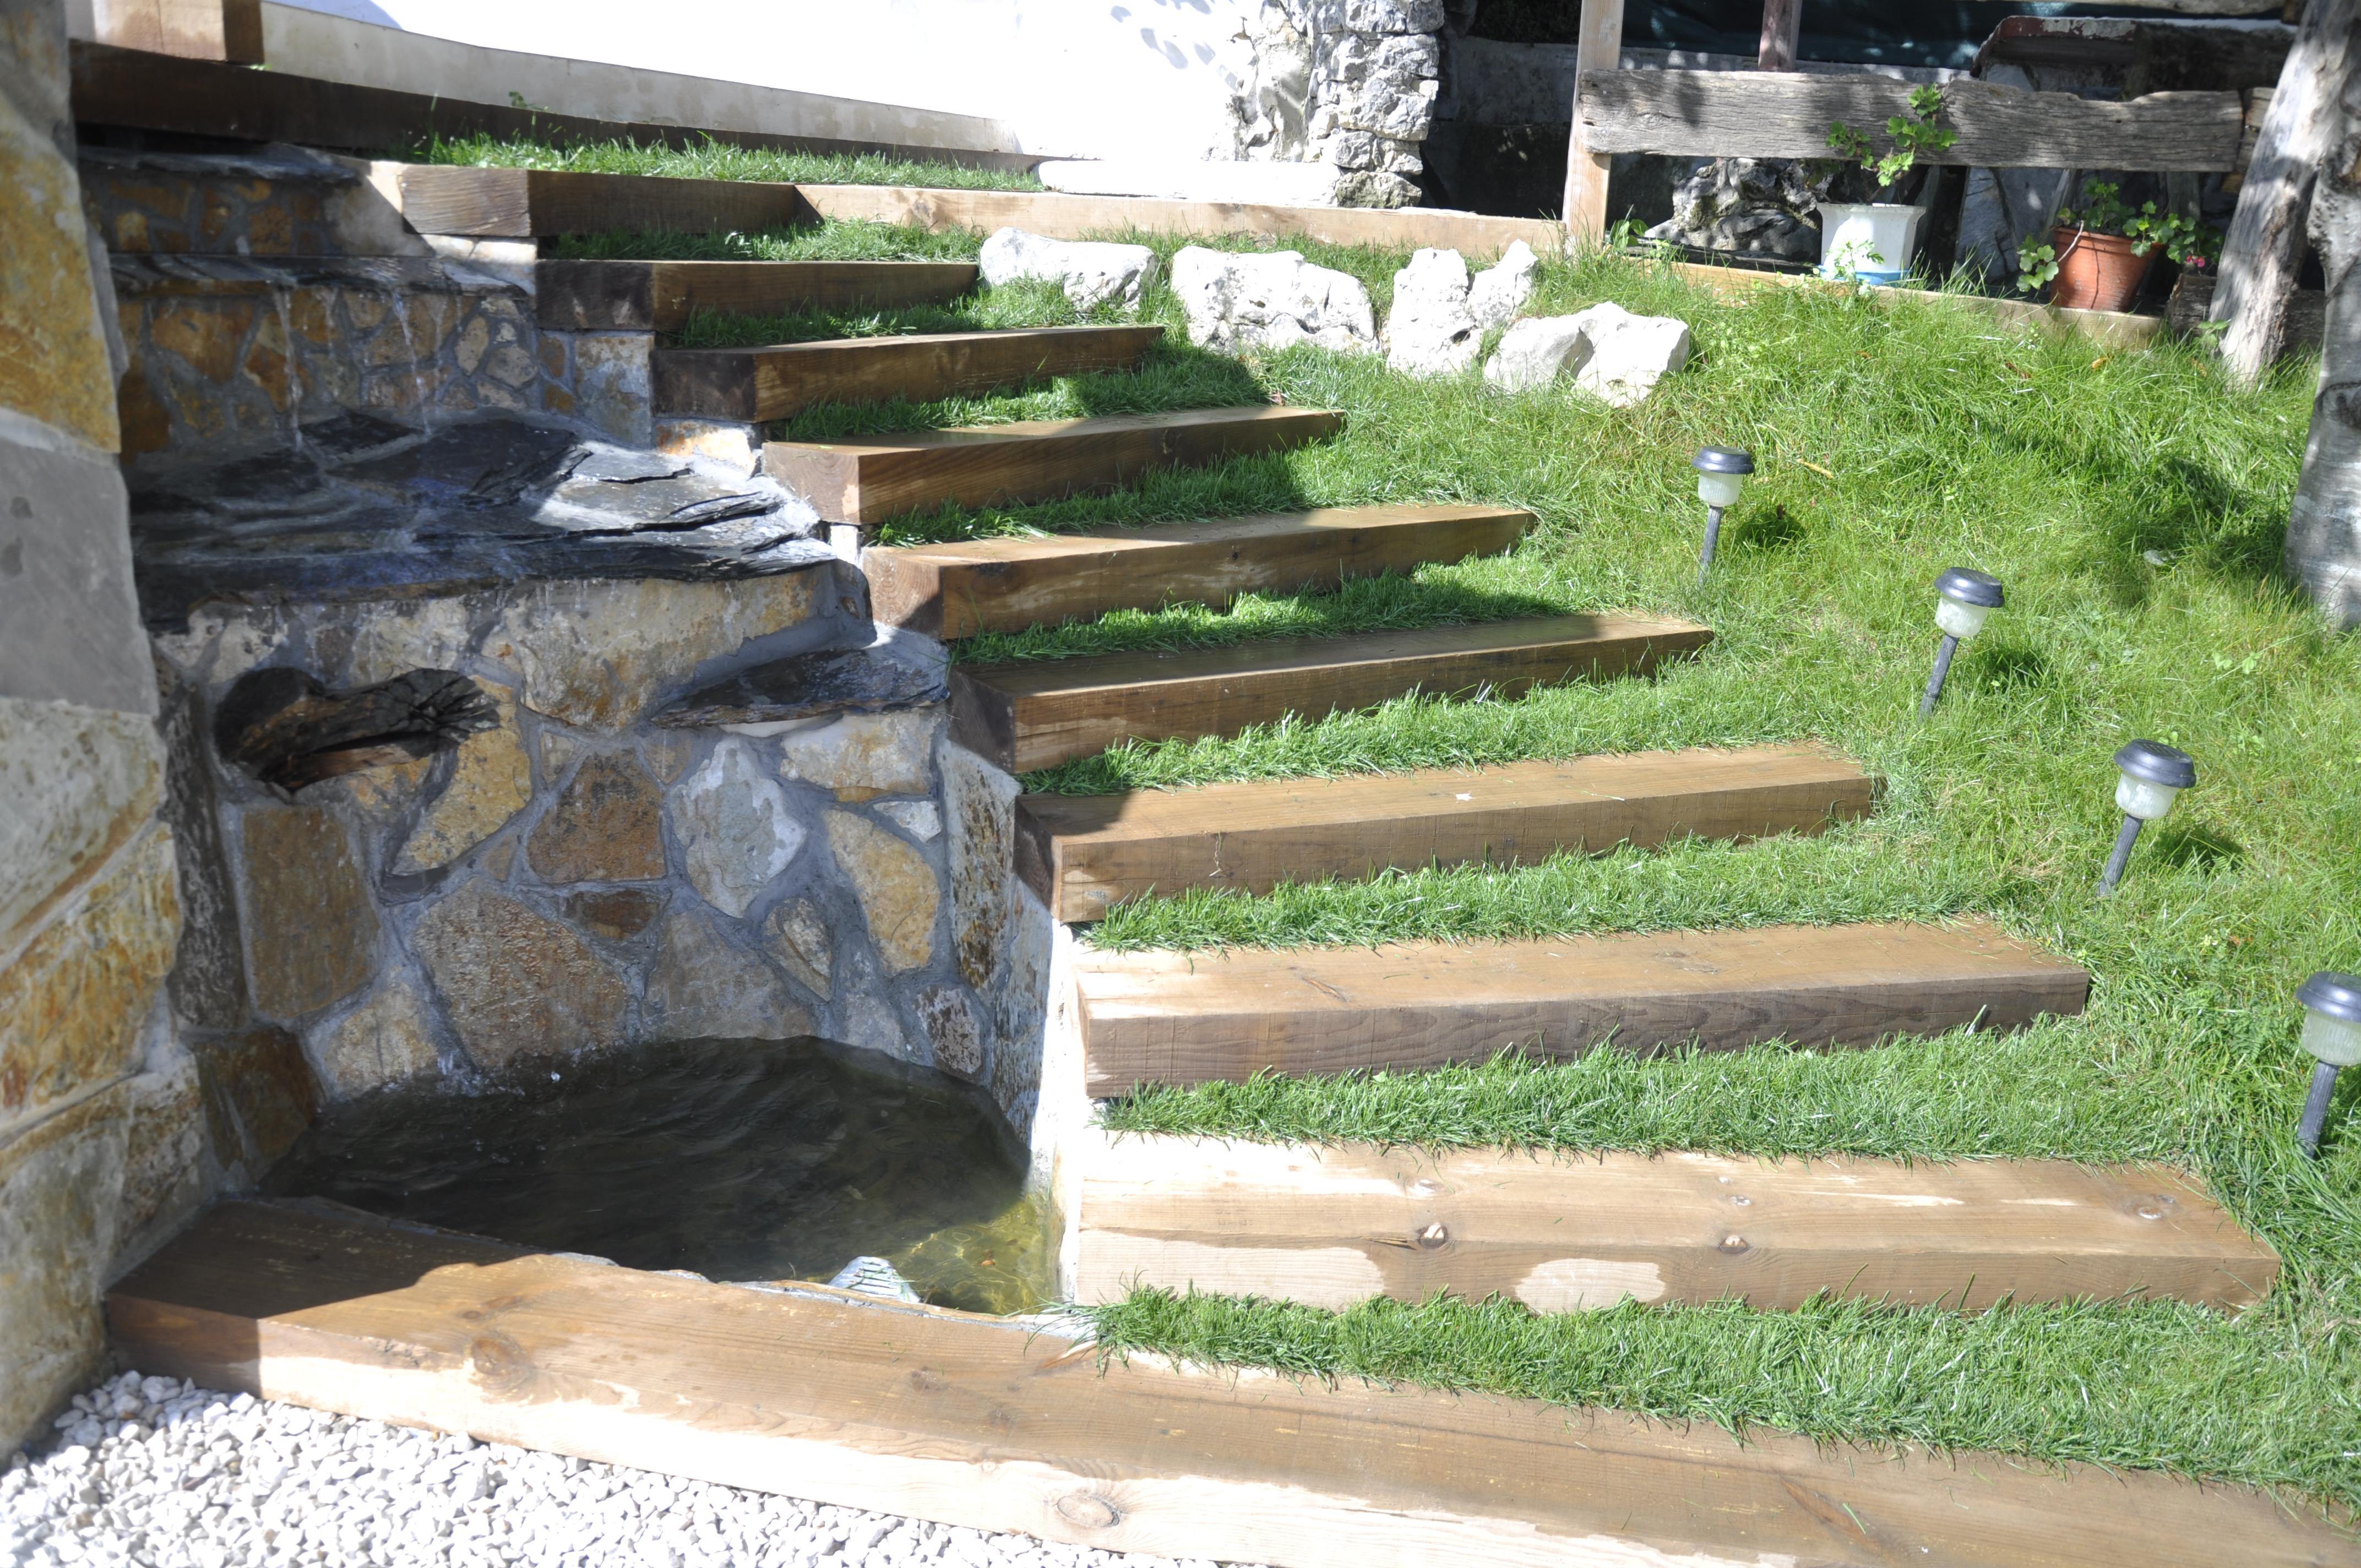 Escaleras y cascada de agua